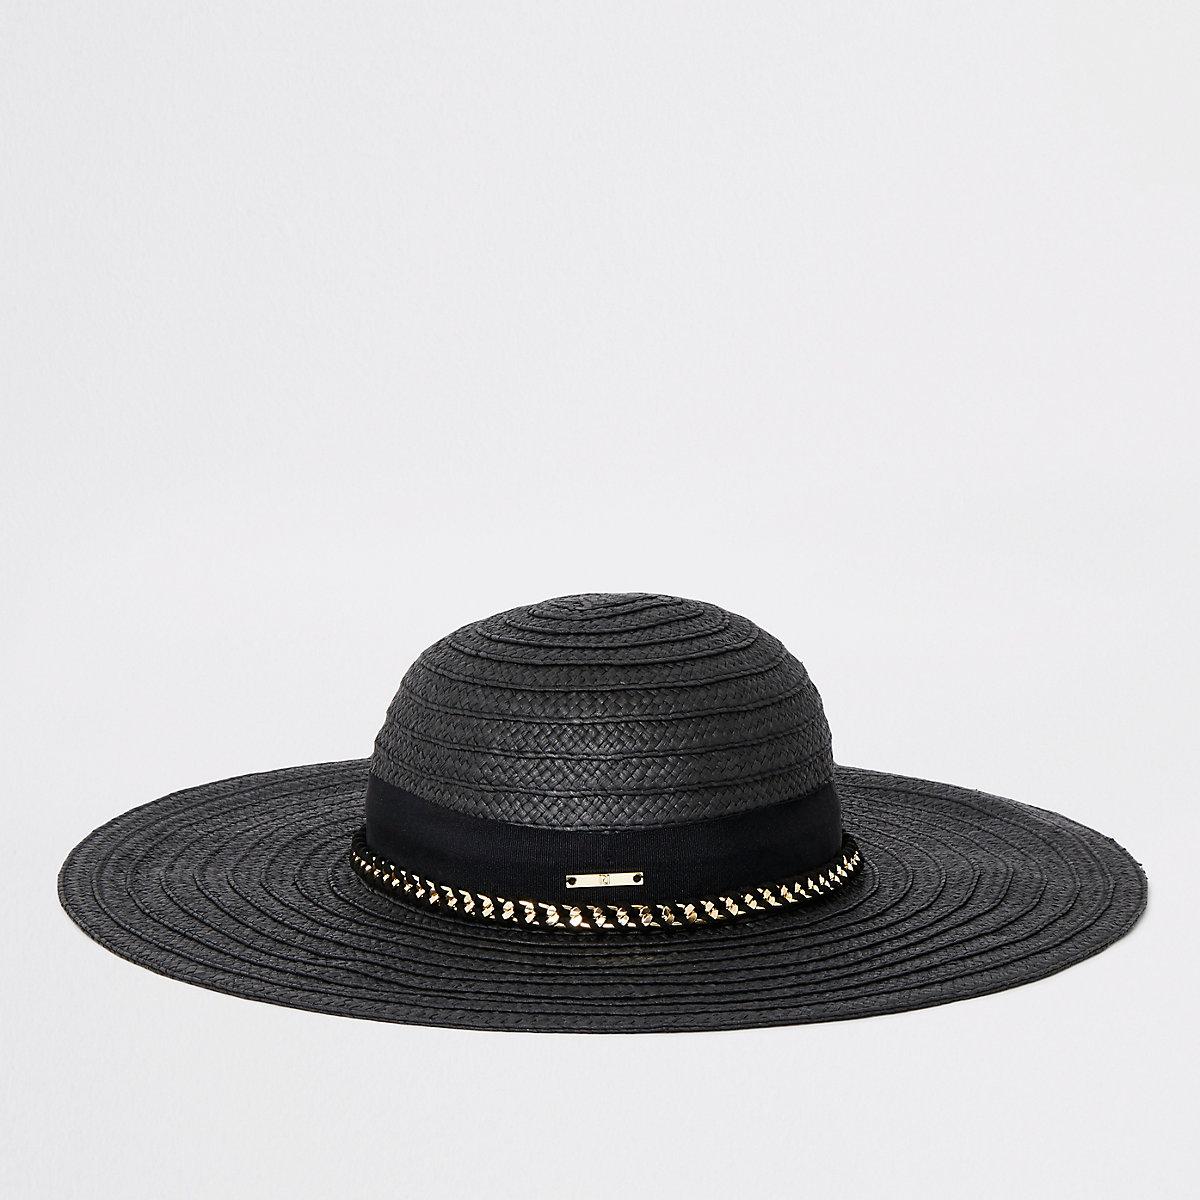 Black oversized floppy straw hat